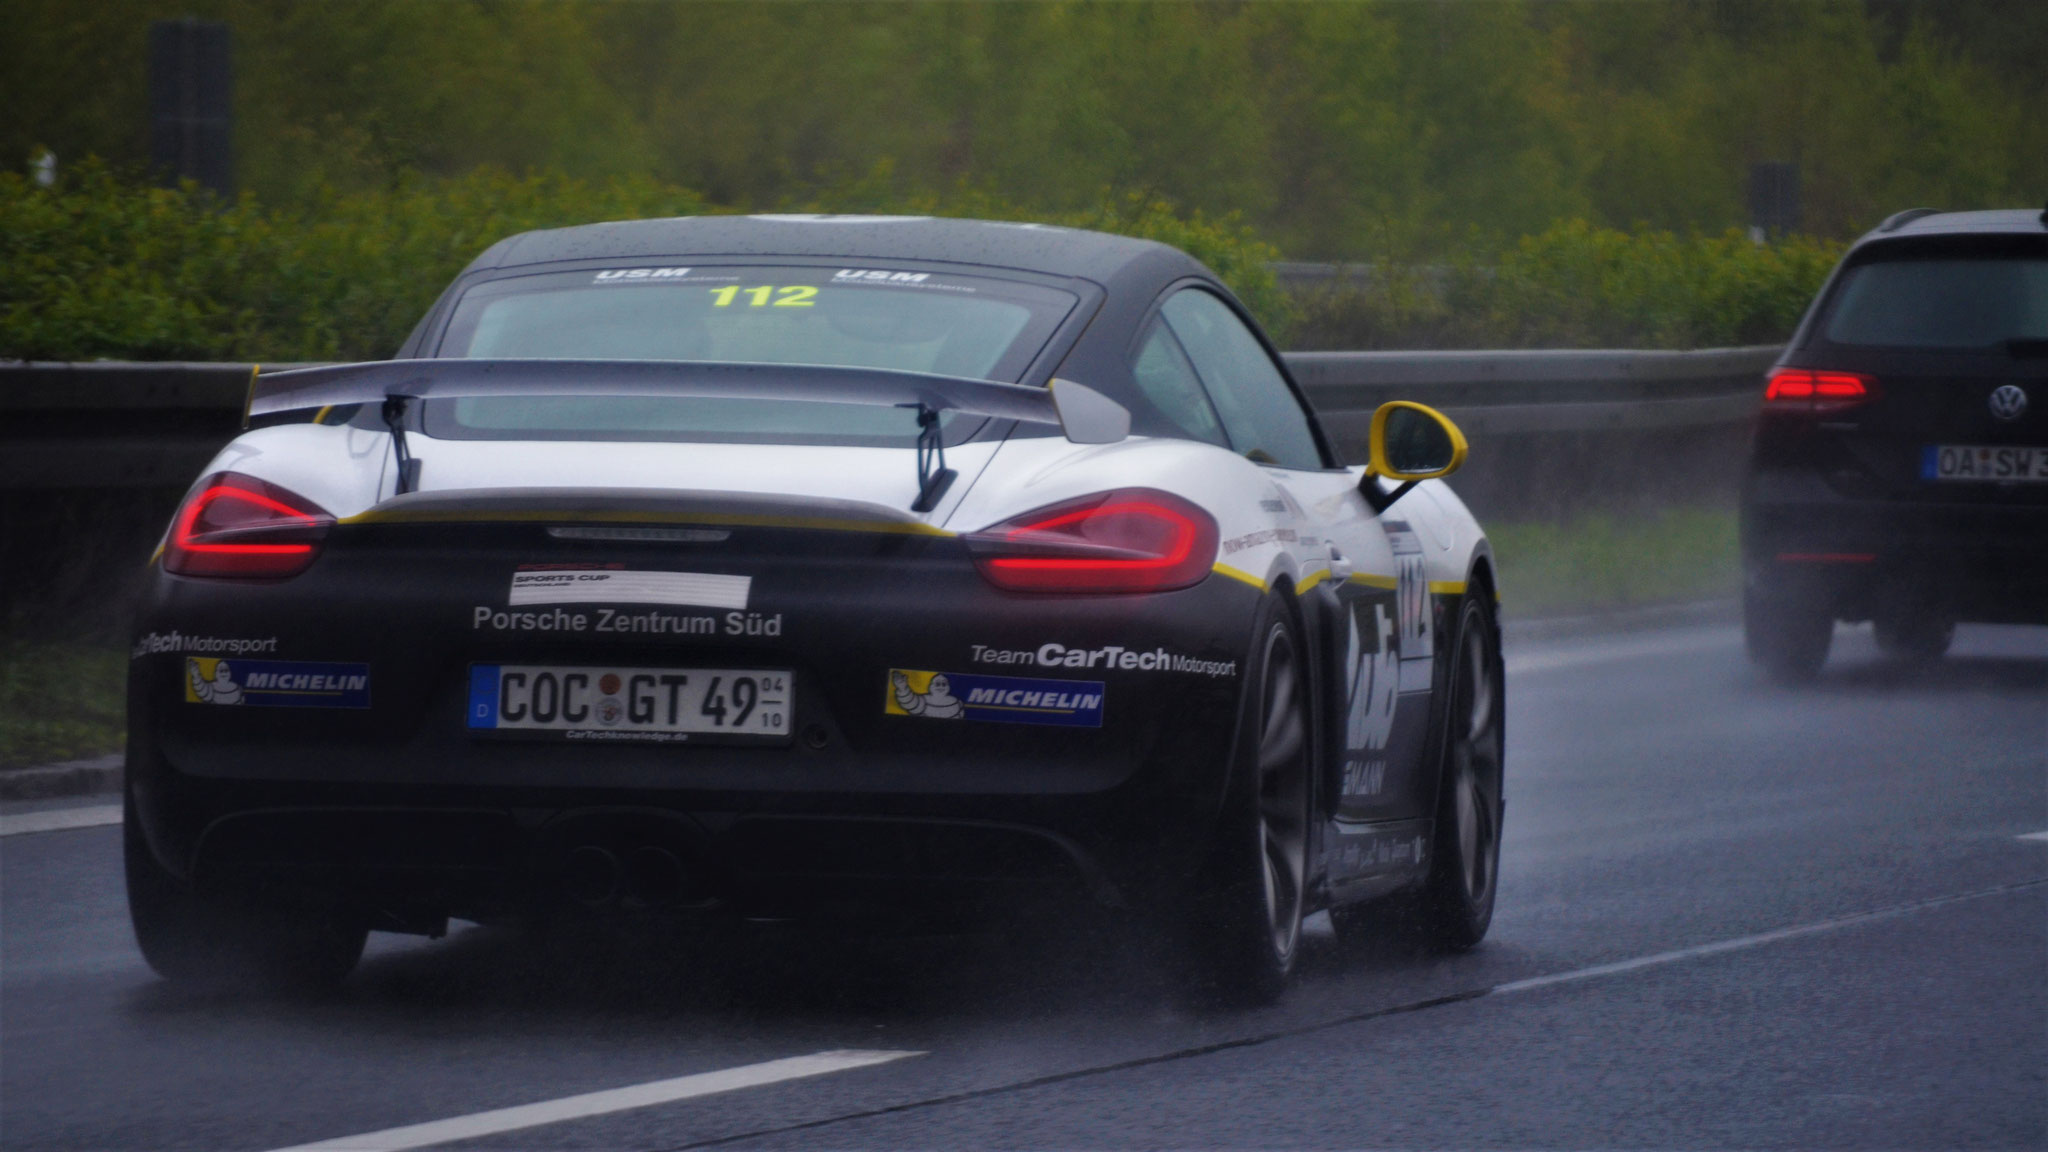 Porsche Cayman GT4 - COC-GT-49